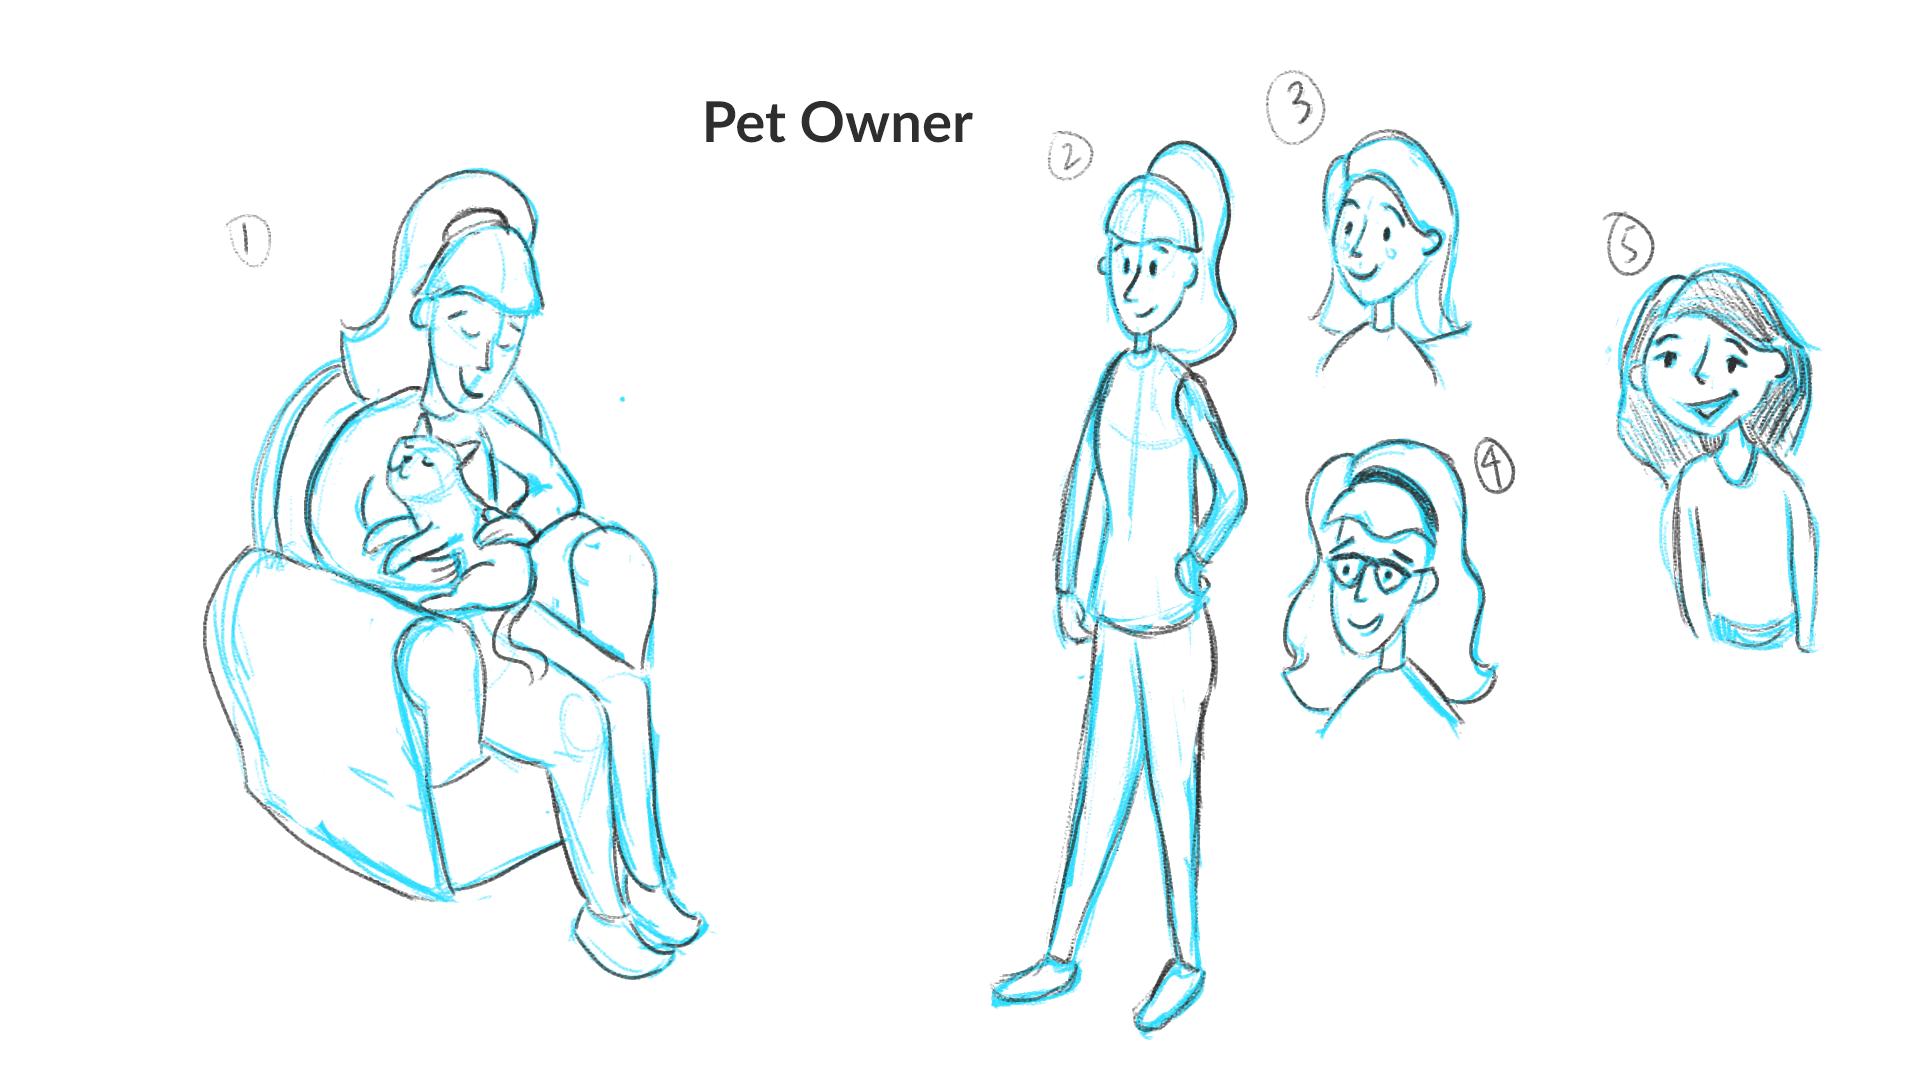 Pet Owner Design